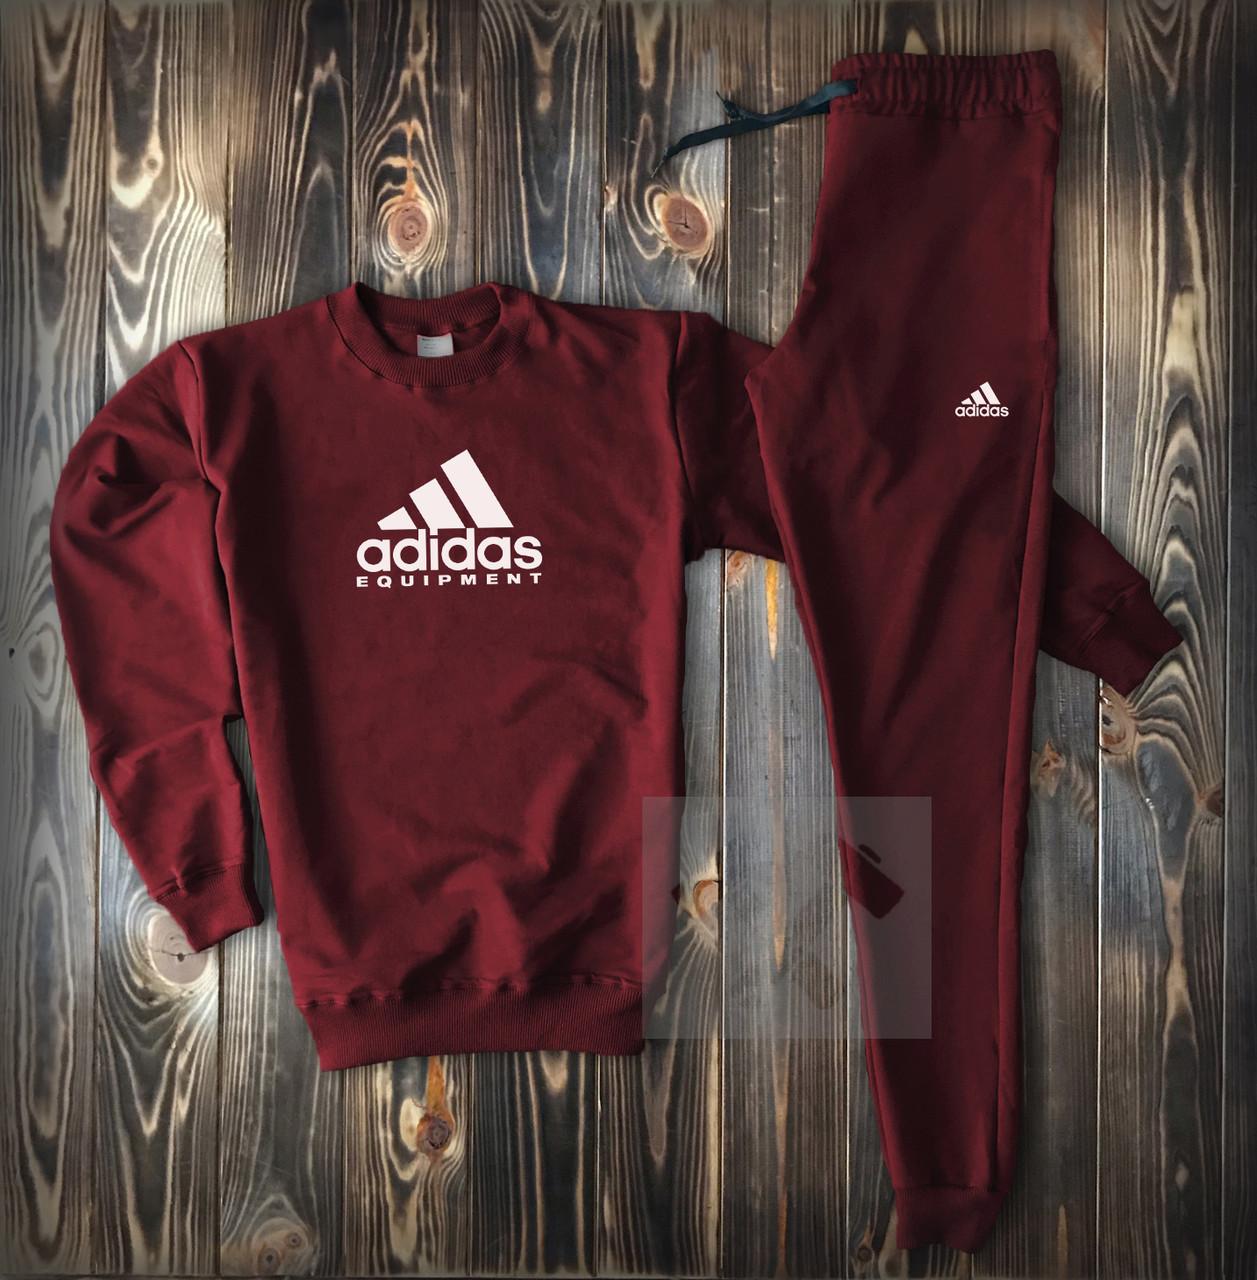 ac586a45ed2 Темный мужской спортивный костюм Adidas бордового цвета купить в Киеве |  Im-PoLLi - 499300713